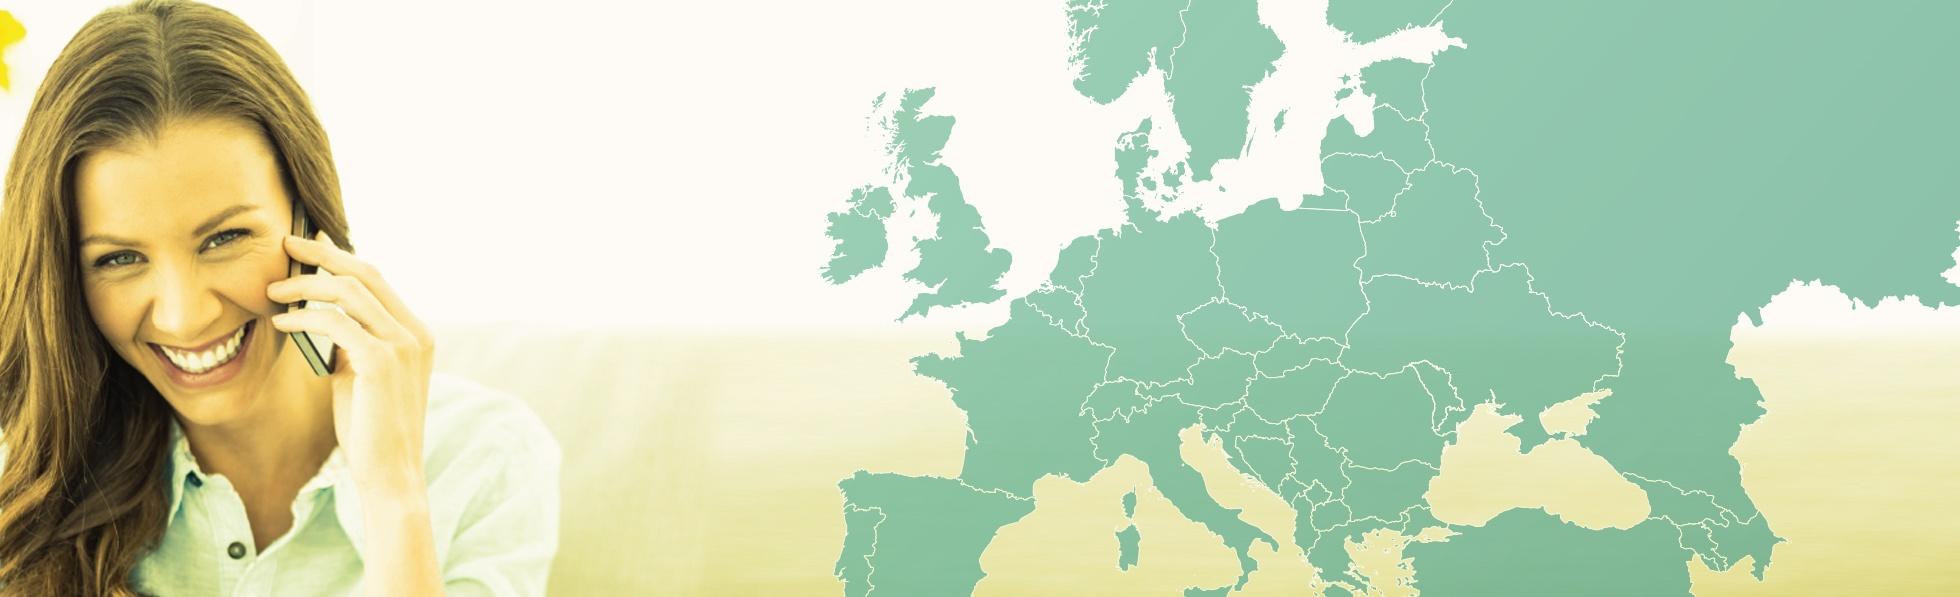 European Contact Center Benchmark